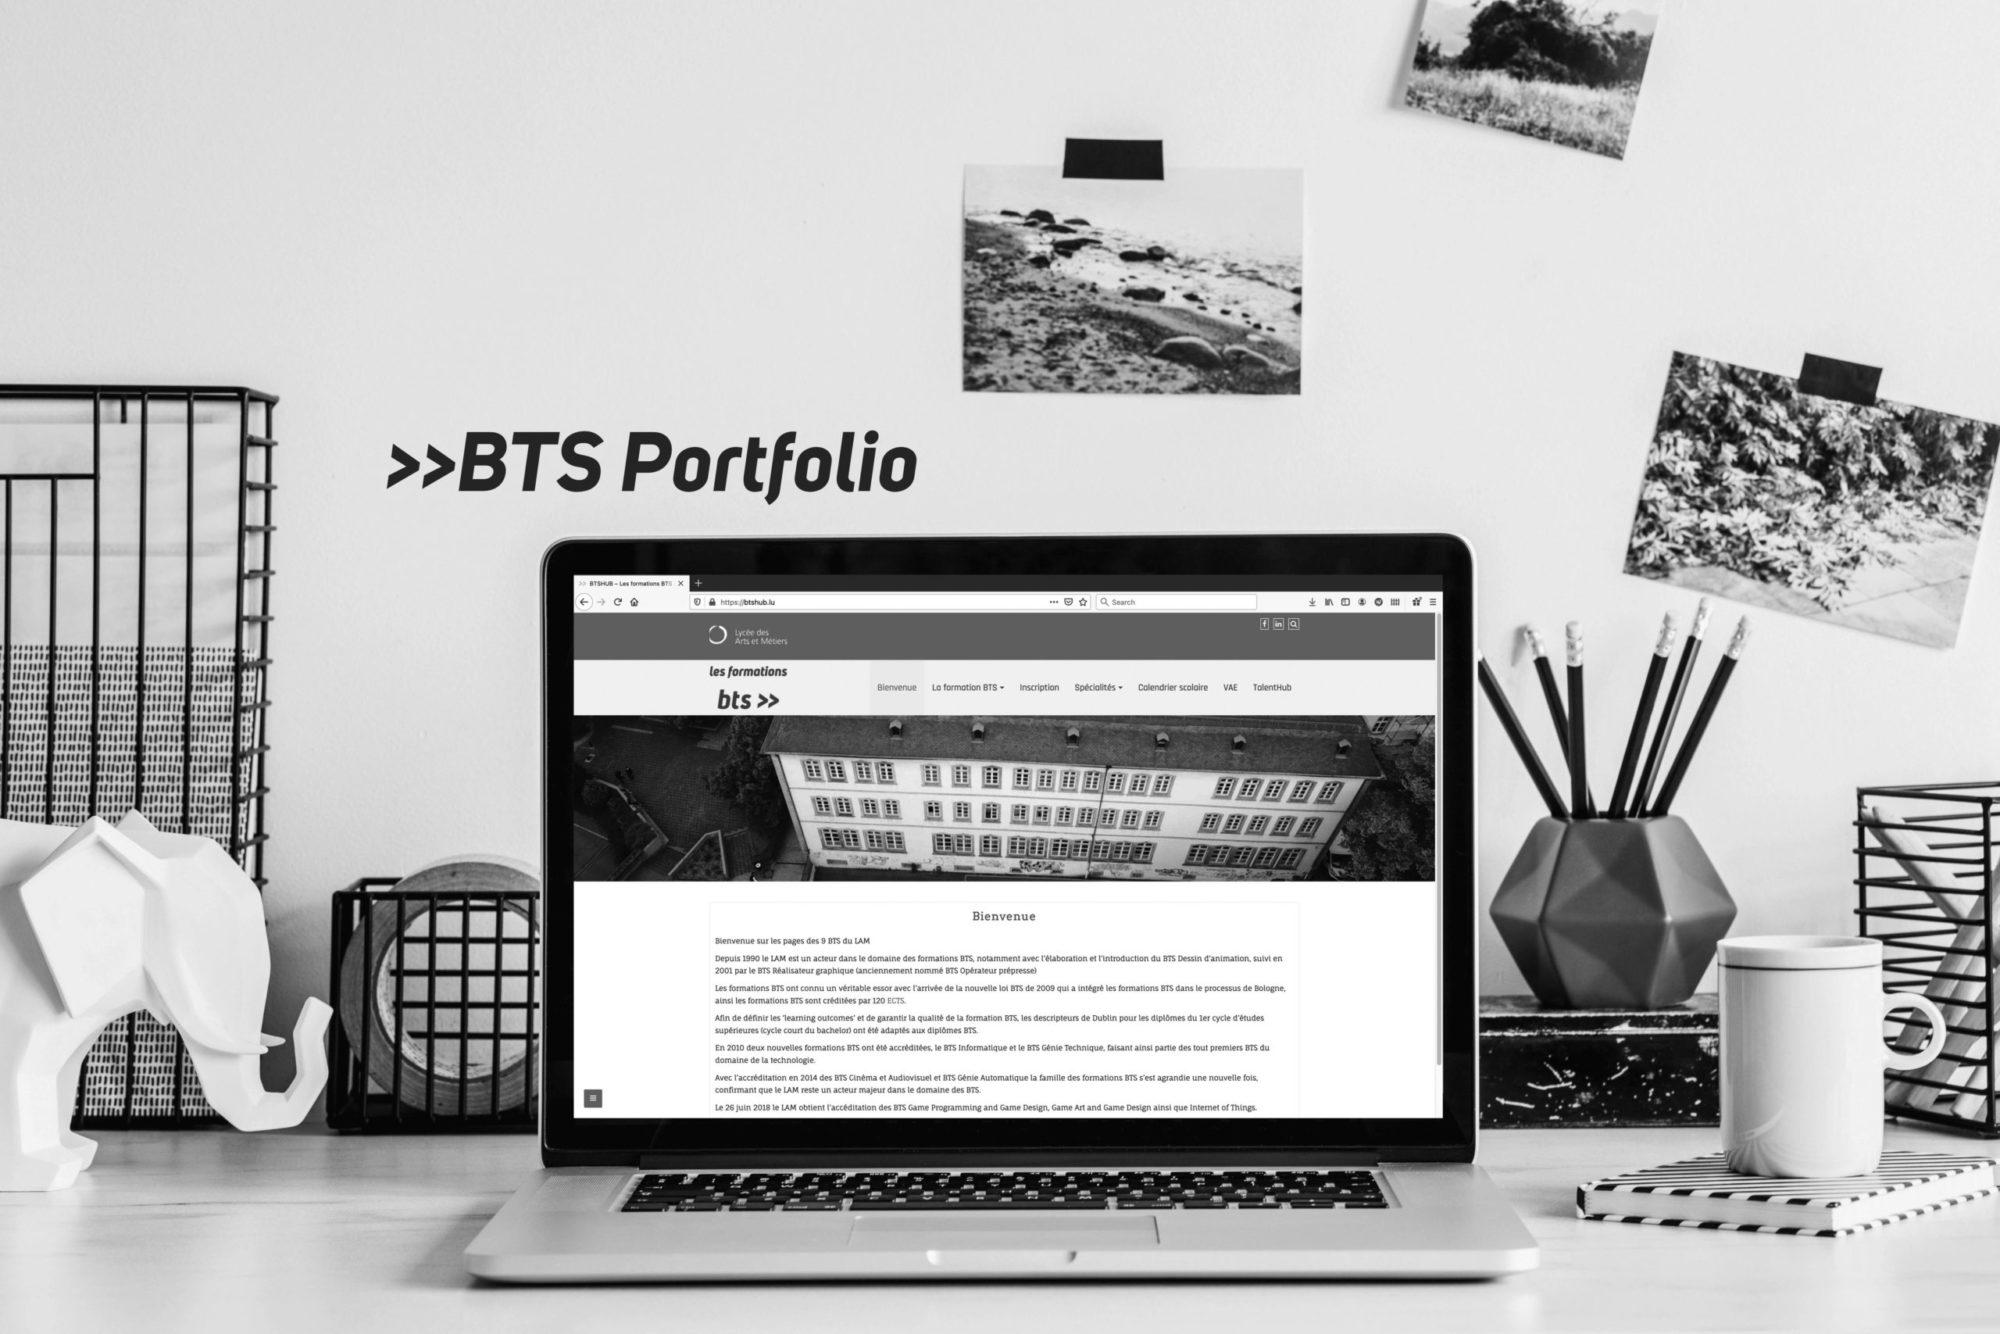 BTS portfolio